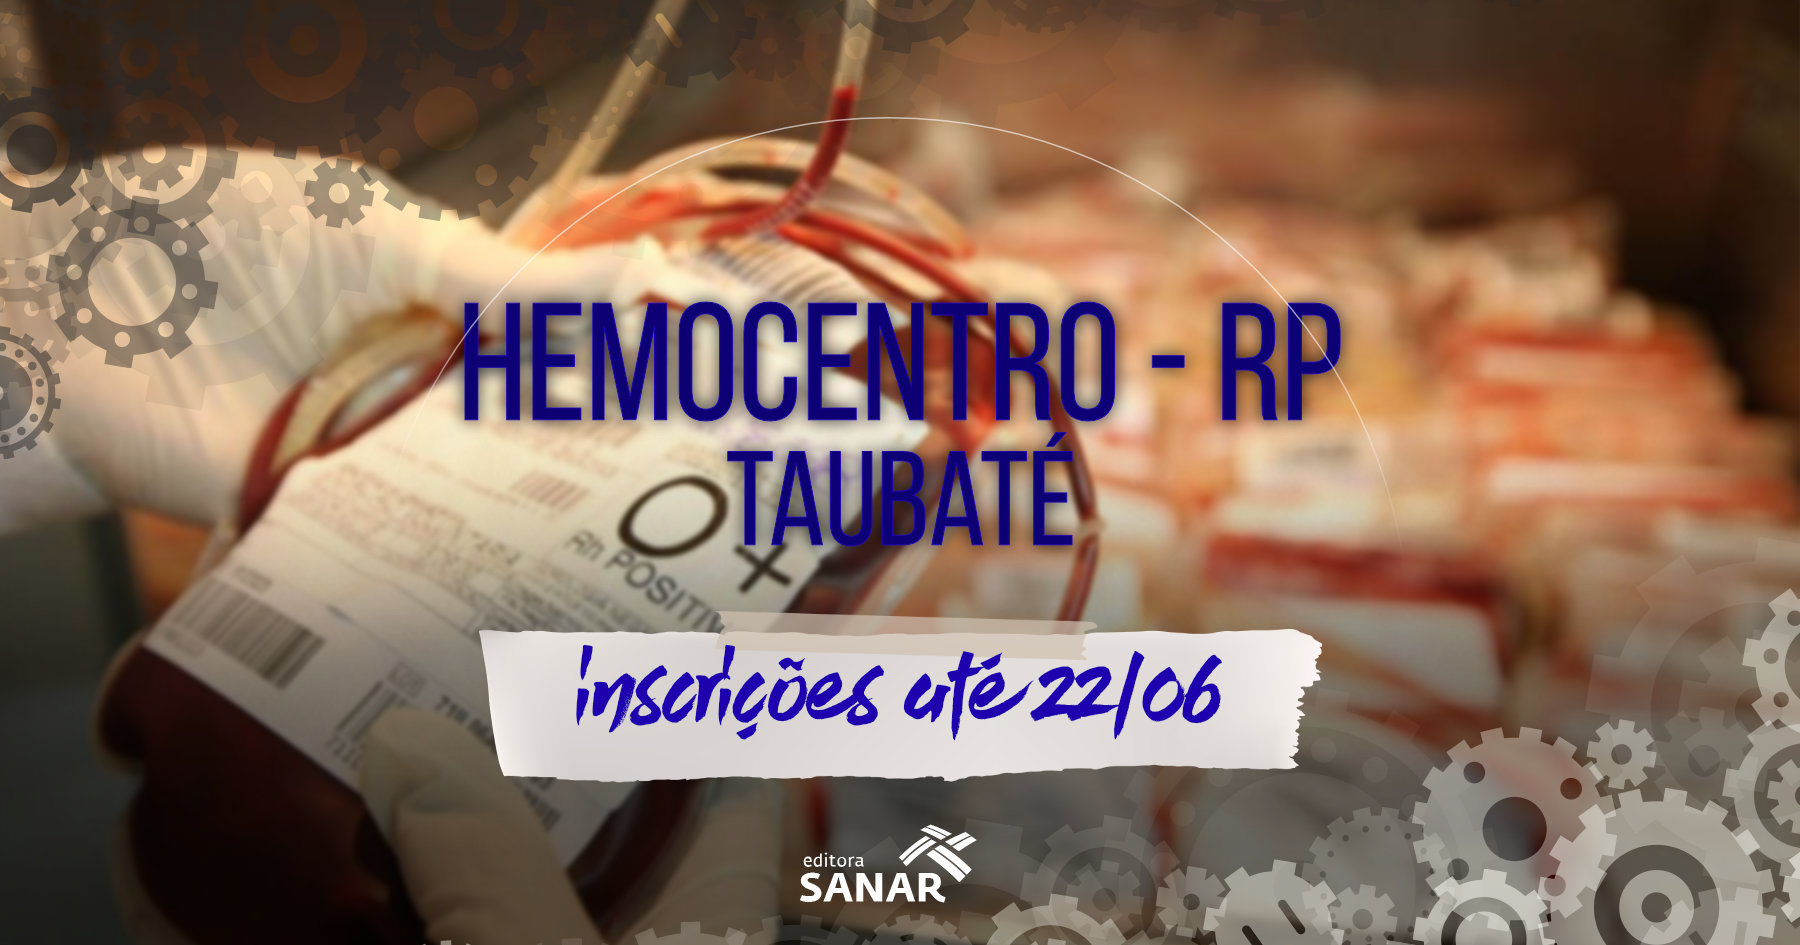 Processo Seletivo: Hemocentro de Ribeirão Preto abre 14 vagas em Taubaté